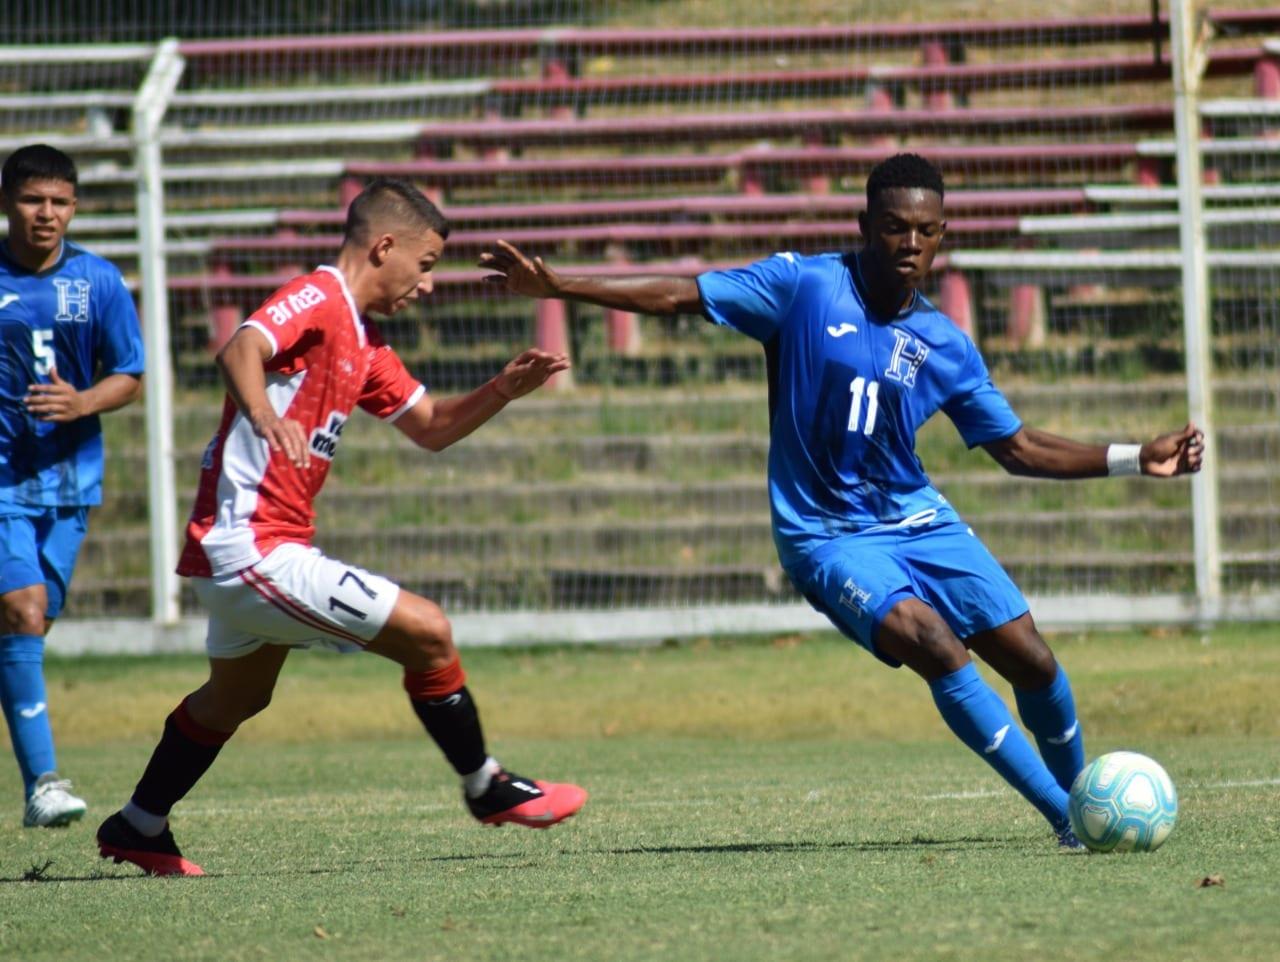 La Selección Nacional Sub-20 iniciará su camino rumbo al Mundial FIFA Indonesia 2021 ante Antigua y Barbuda en San Pedro Sula